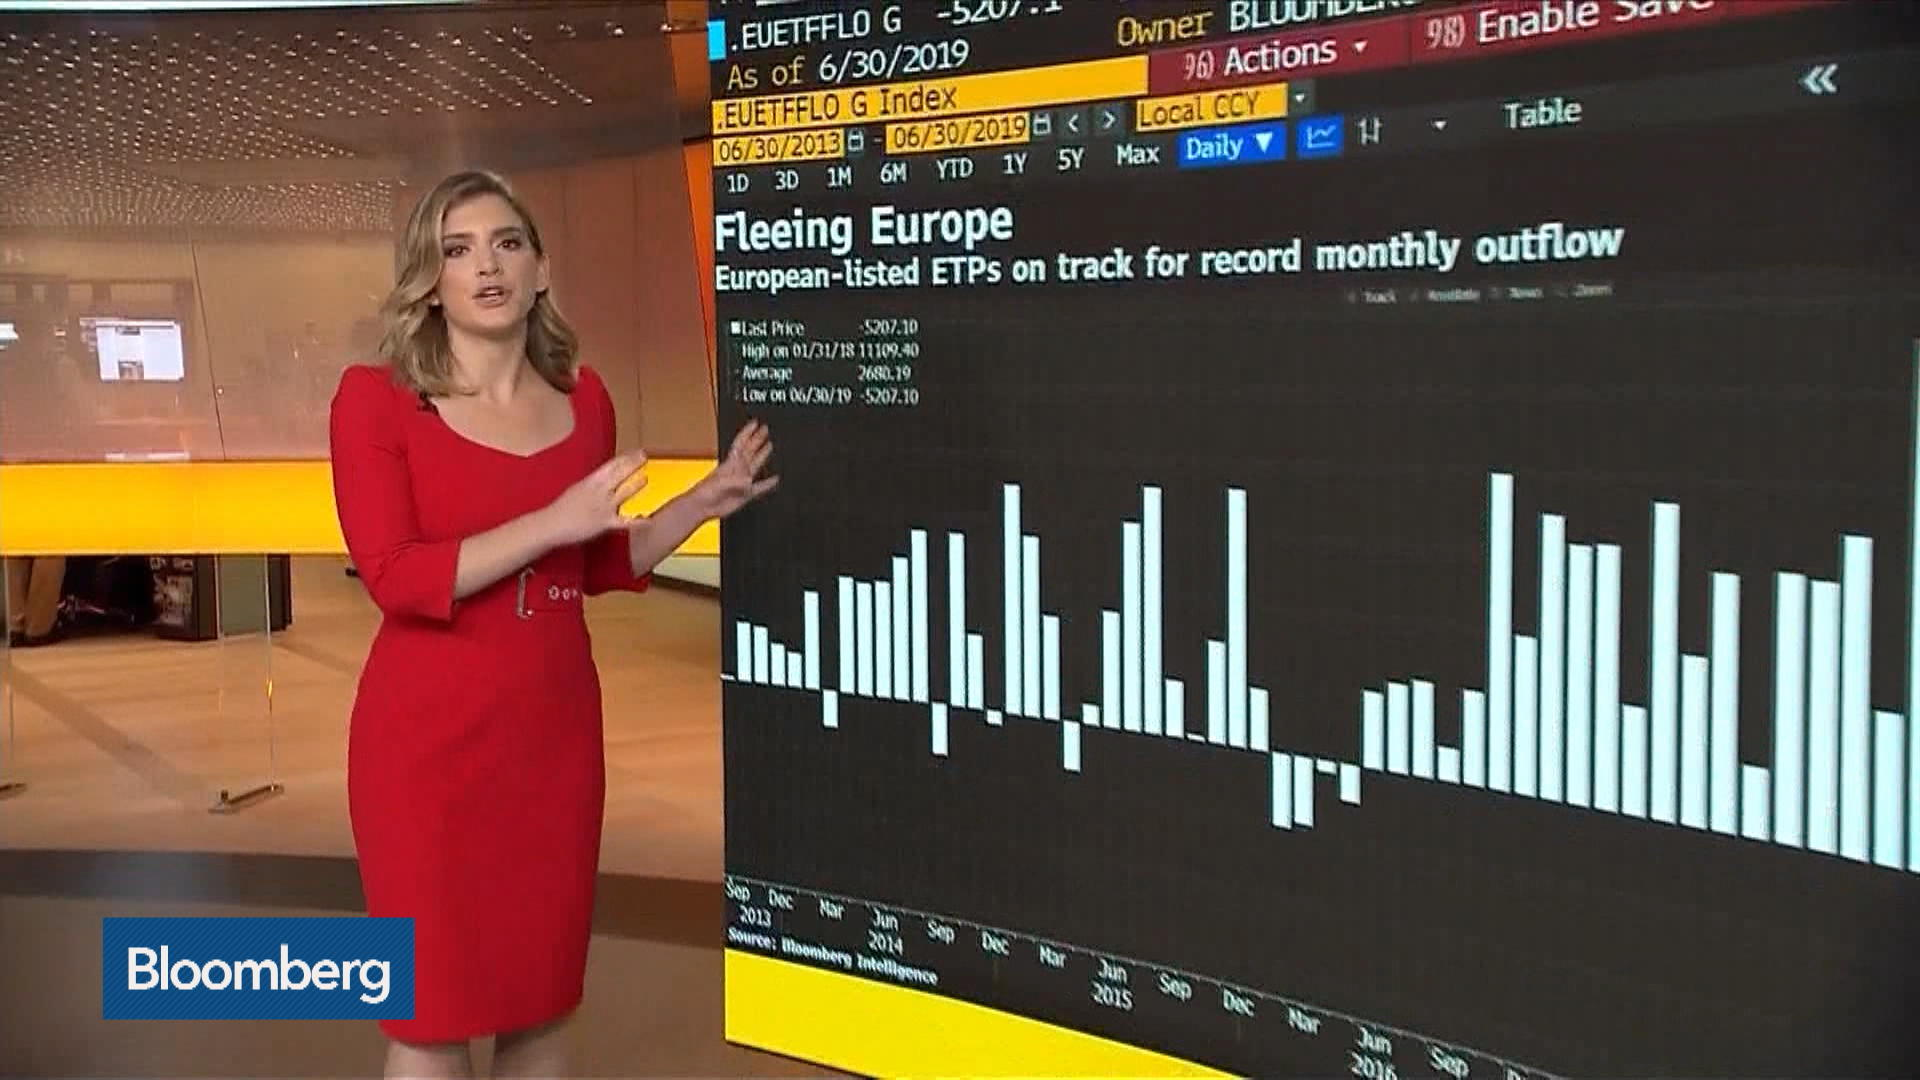 Investors Flee European Equity Funds